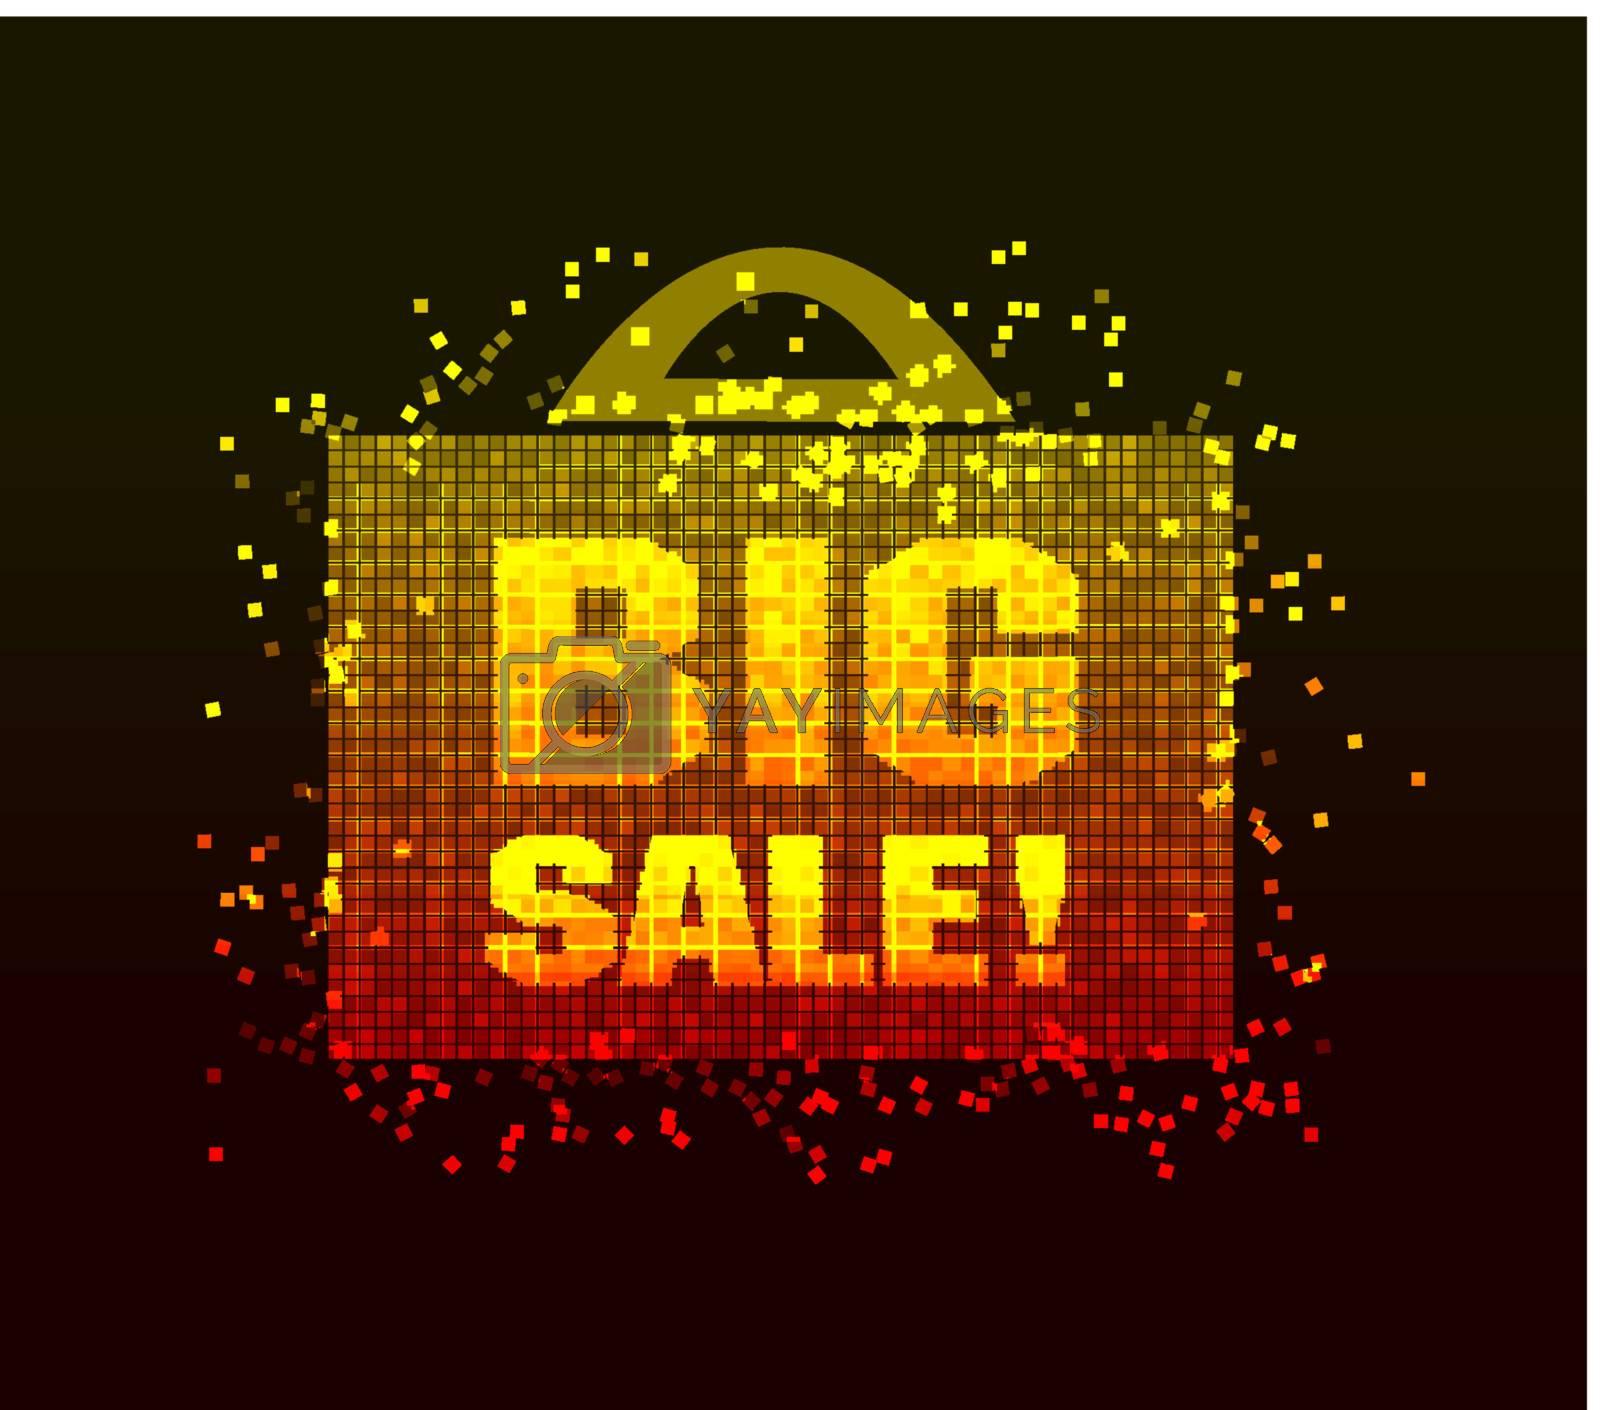 big sale illustration with bag on black background